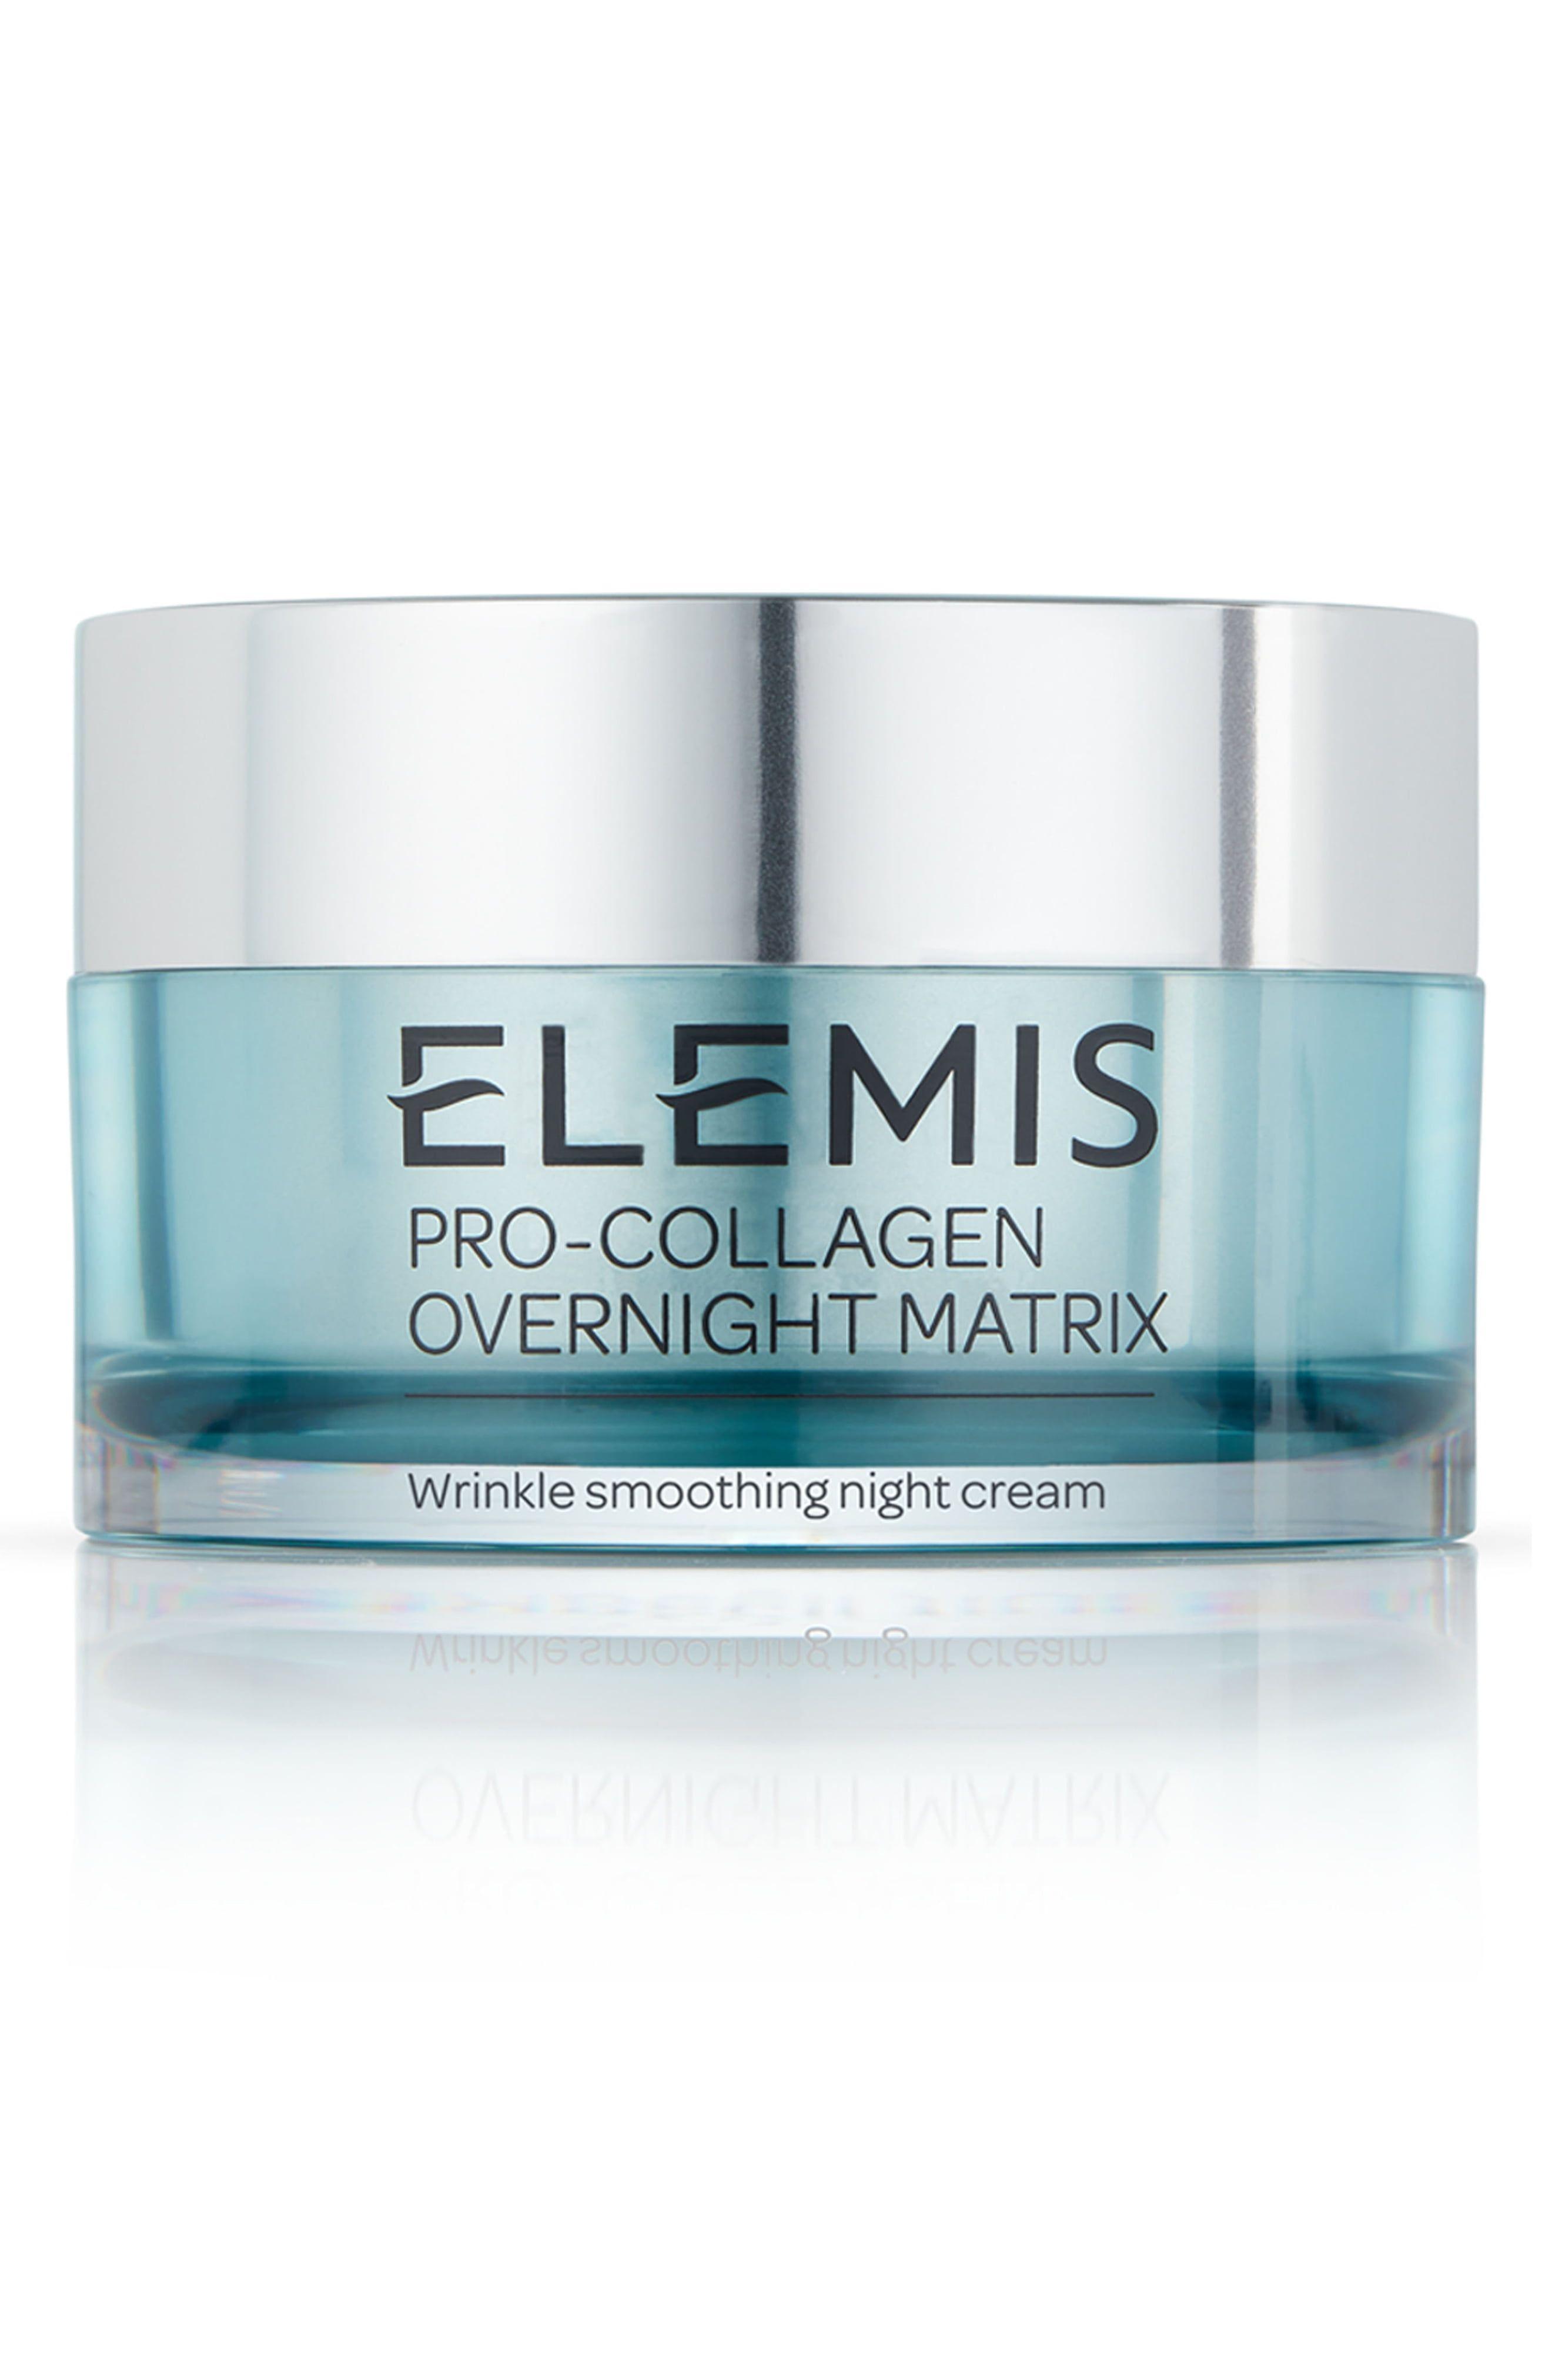 Pro-Collagen Overnight Matrix Cream